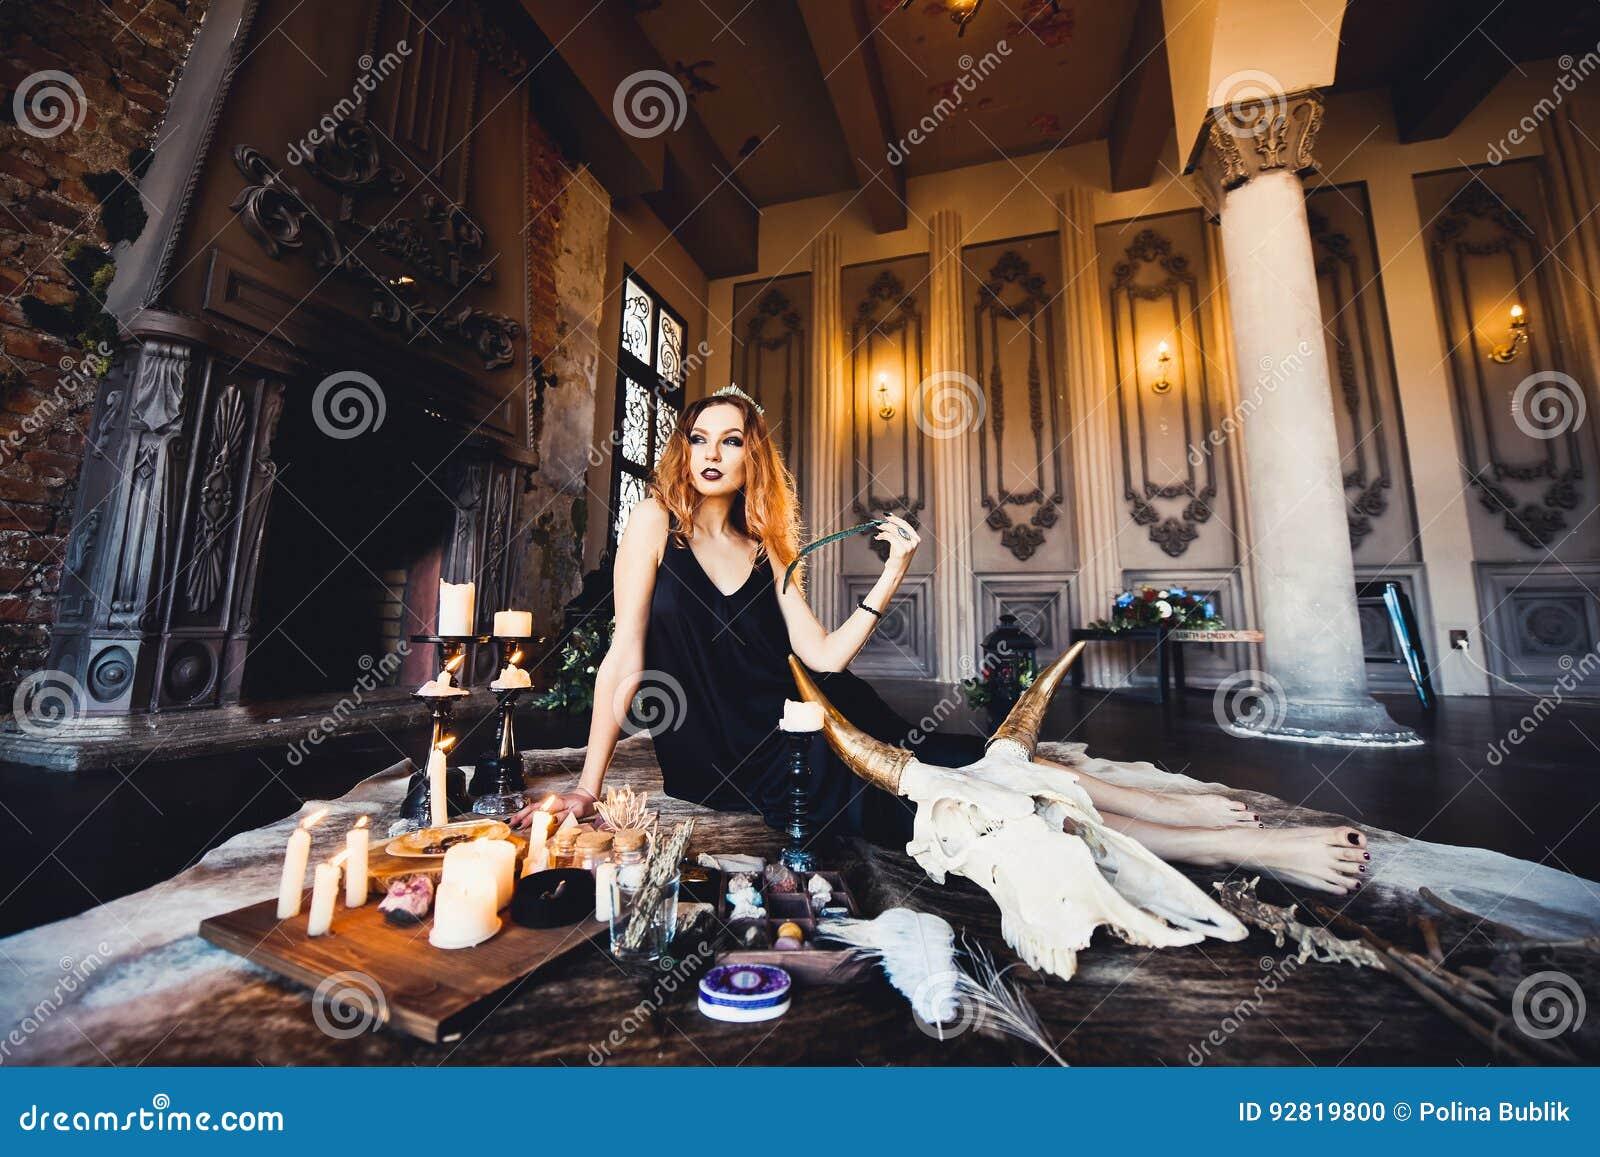 Портрет молодой красивой рыжеволосой девушки в изображении готической ведьмы на хеллоуине